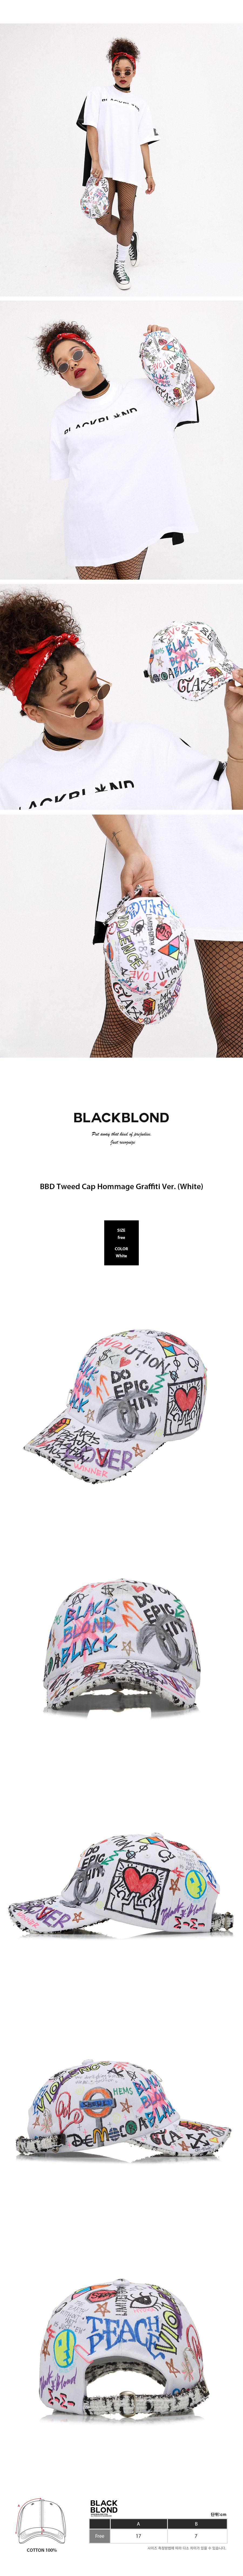 블랙블론드 BLACKBLOND - BBD Tweed Cap Graffiti Ver. (White)